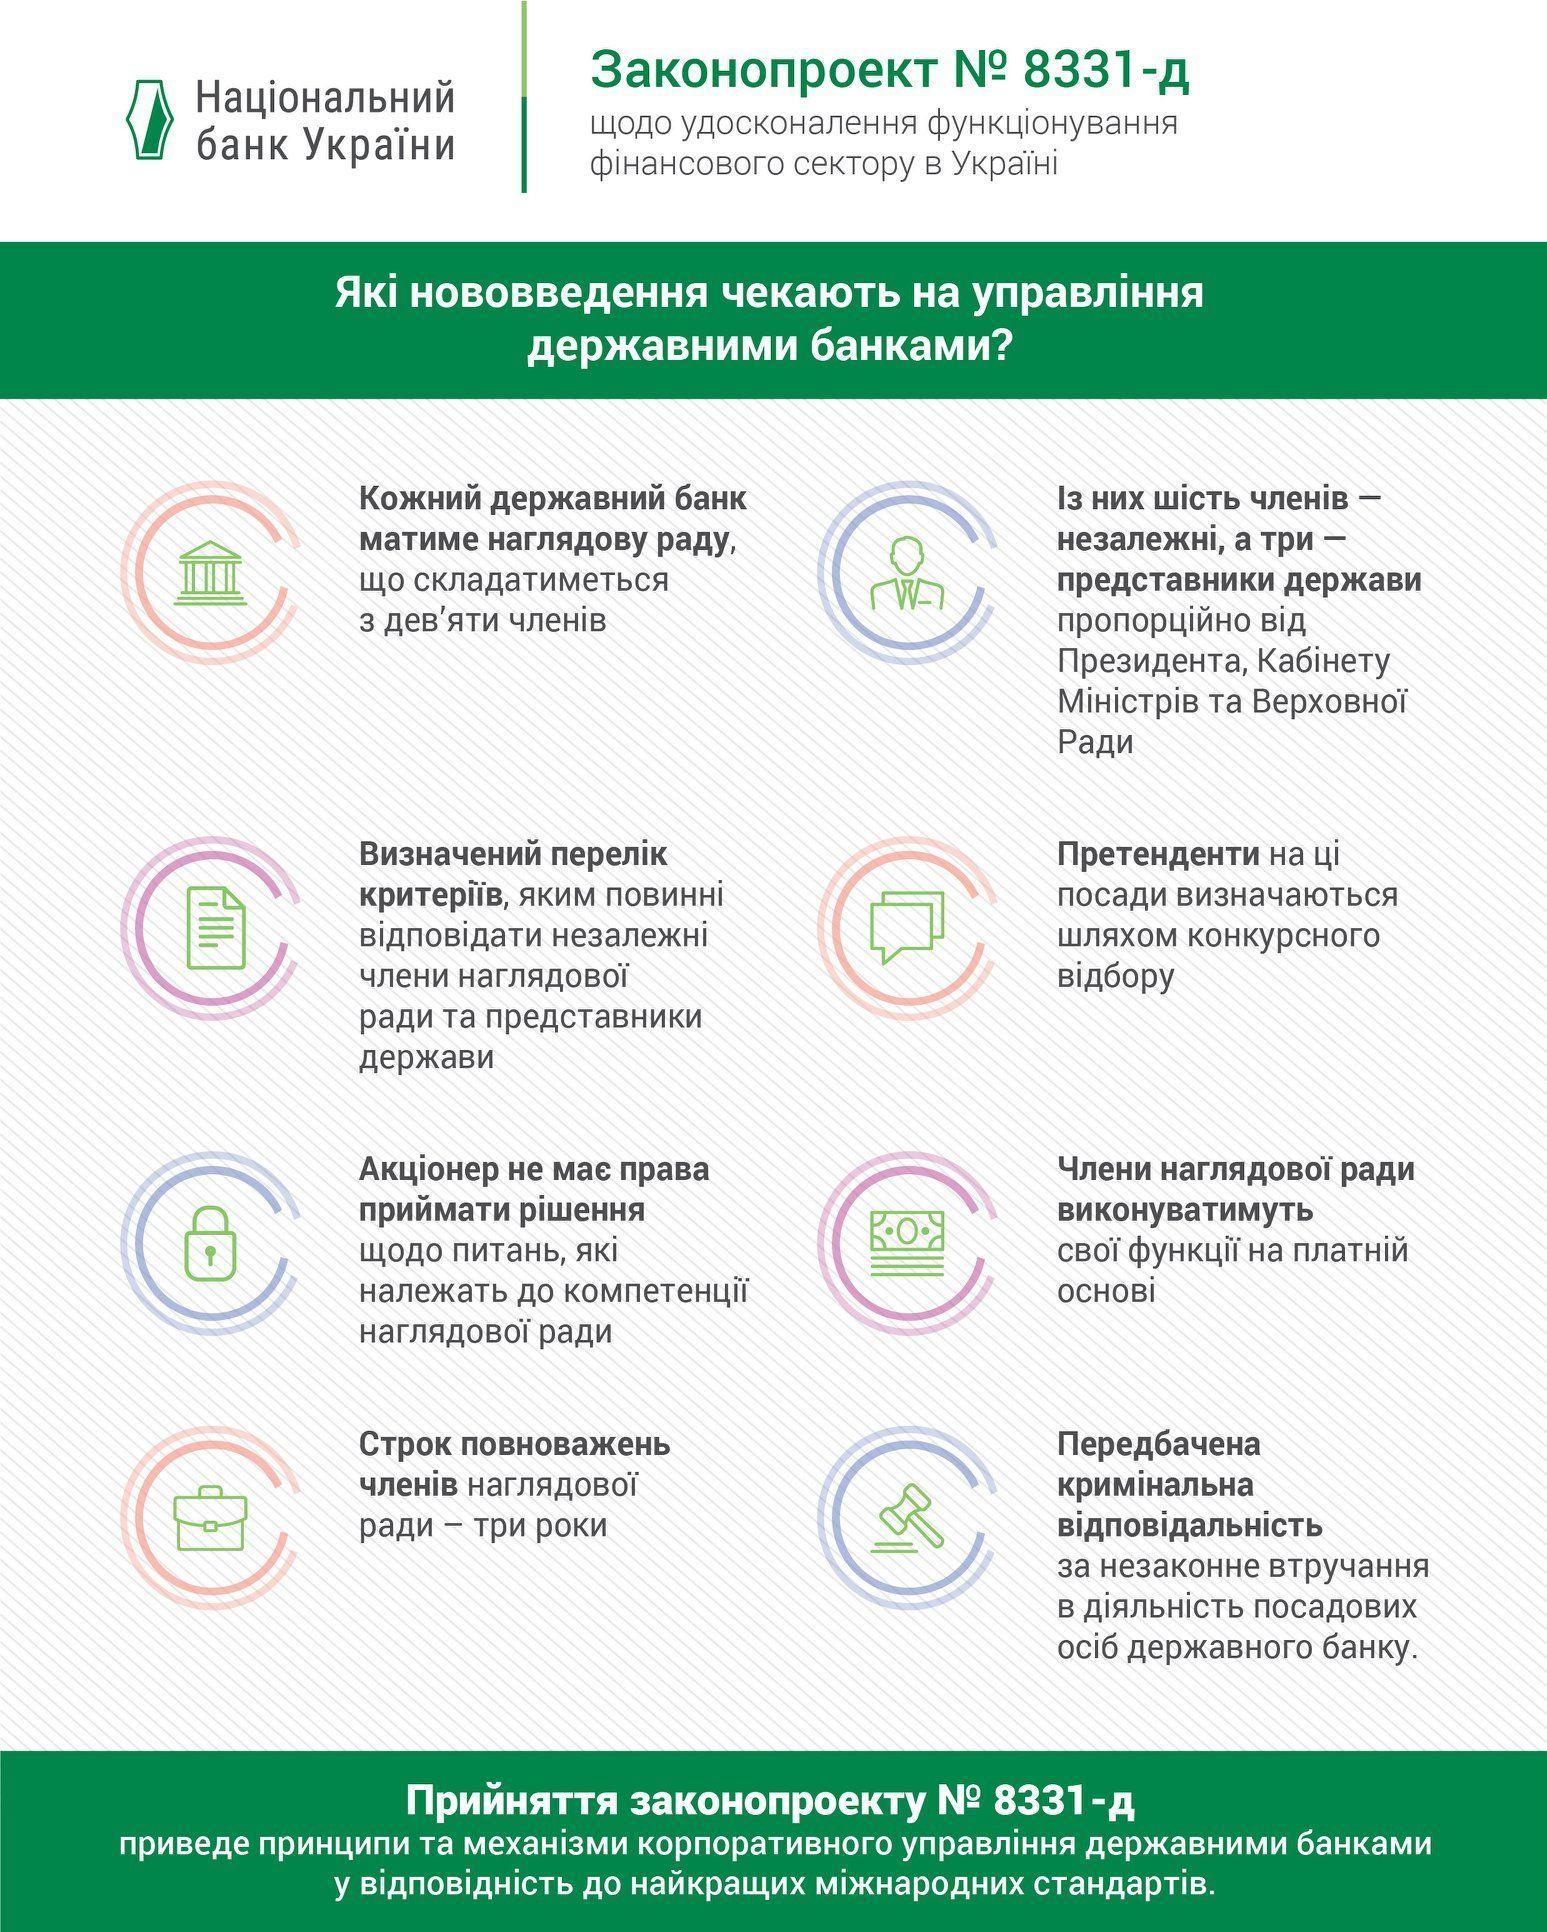 державні банки_2